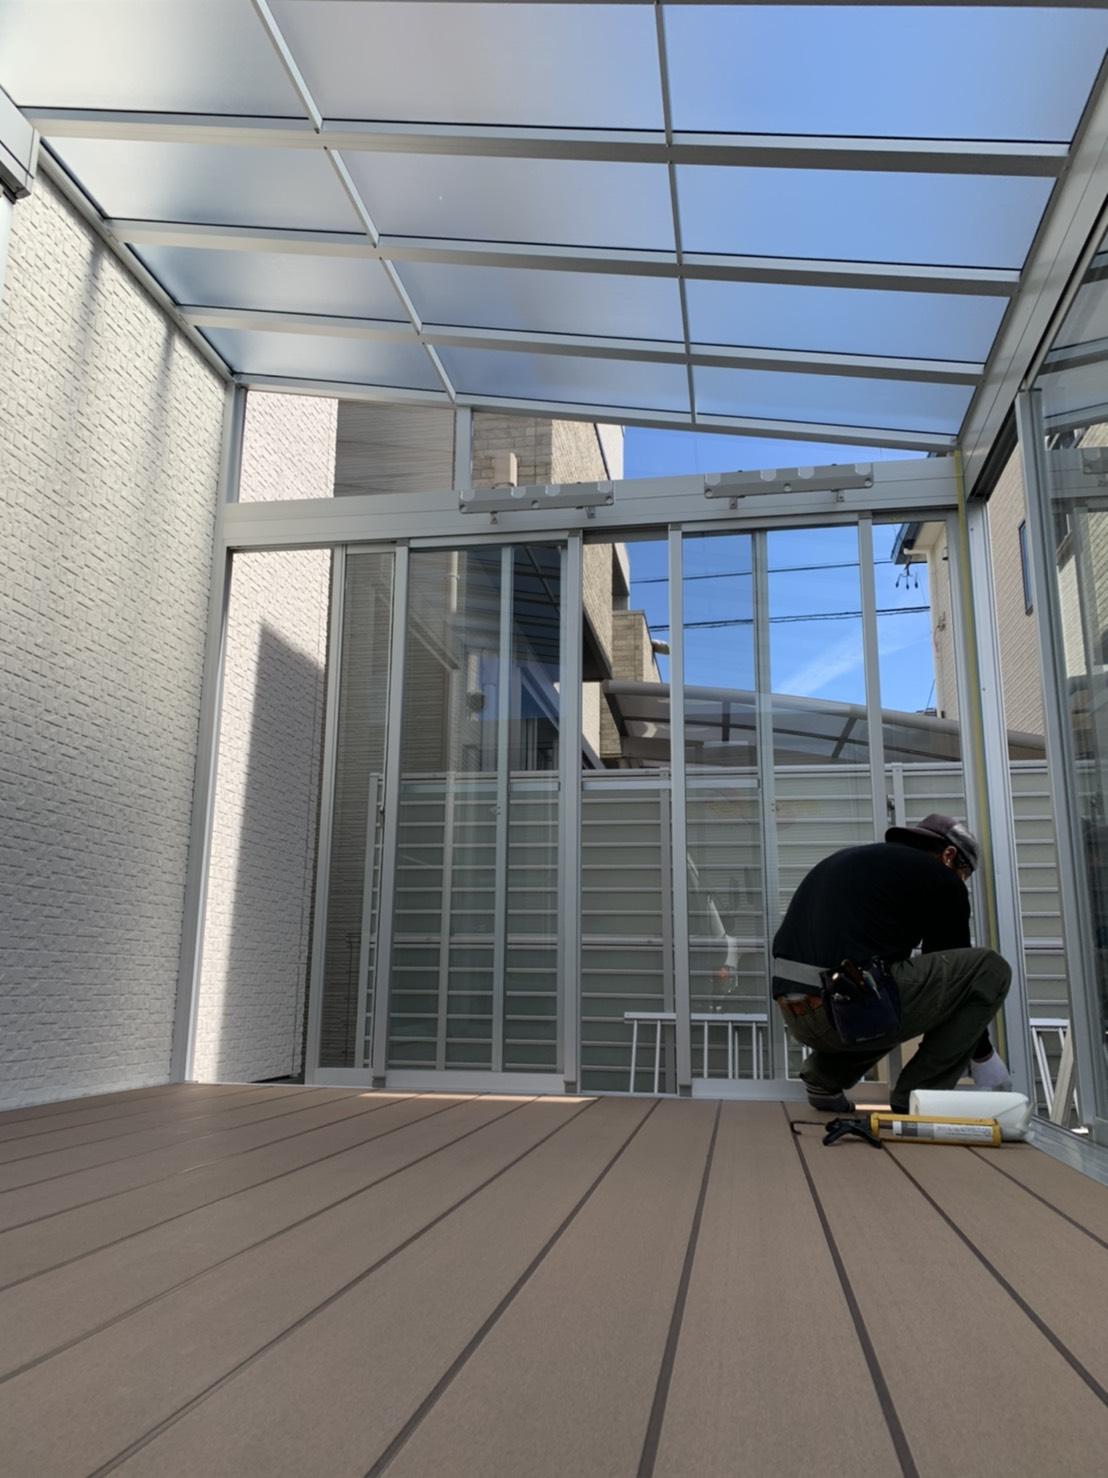 愛知県豊明市の戸建住宅にて、サンルーム(LIXILサニージュ)設置工事を行いました!